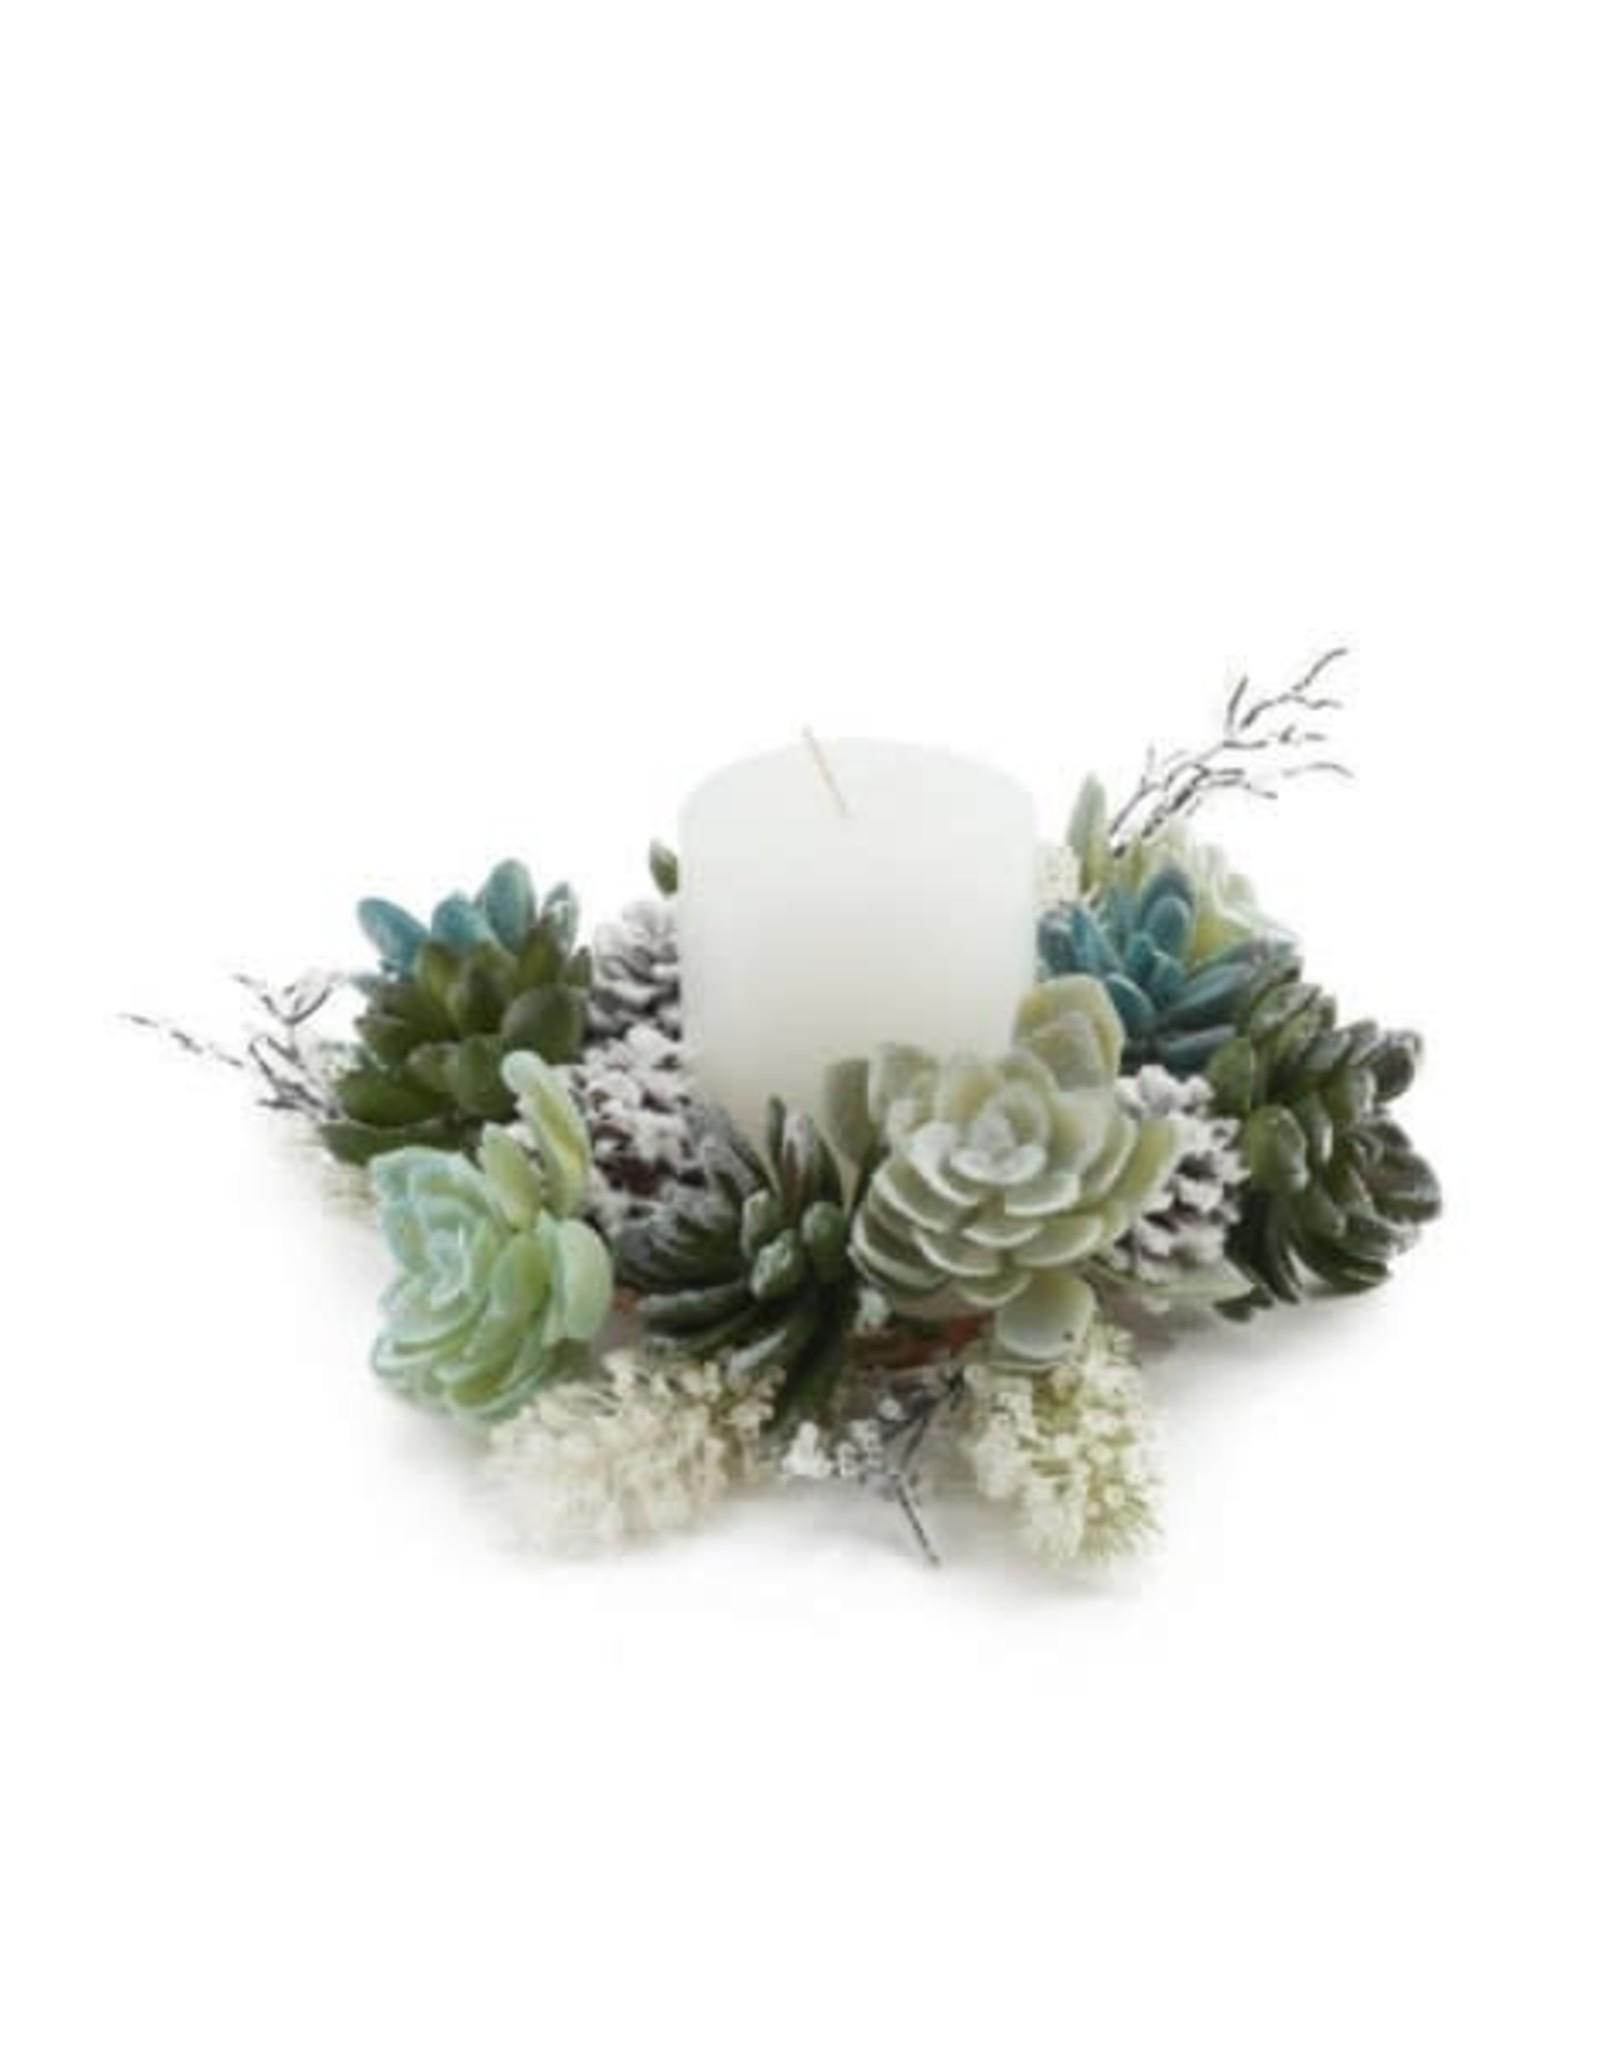 Déco bougie - Succulentes & cocottes - Petit